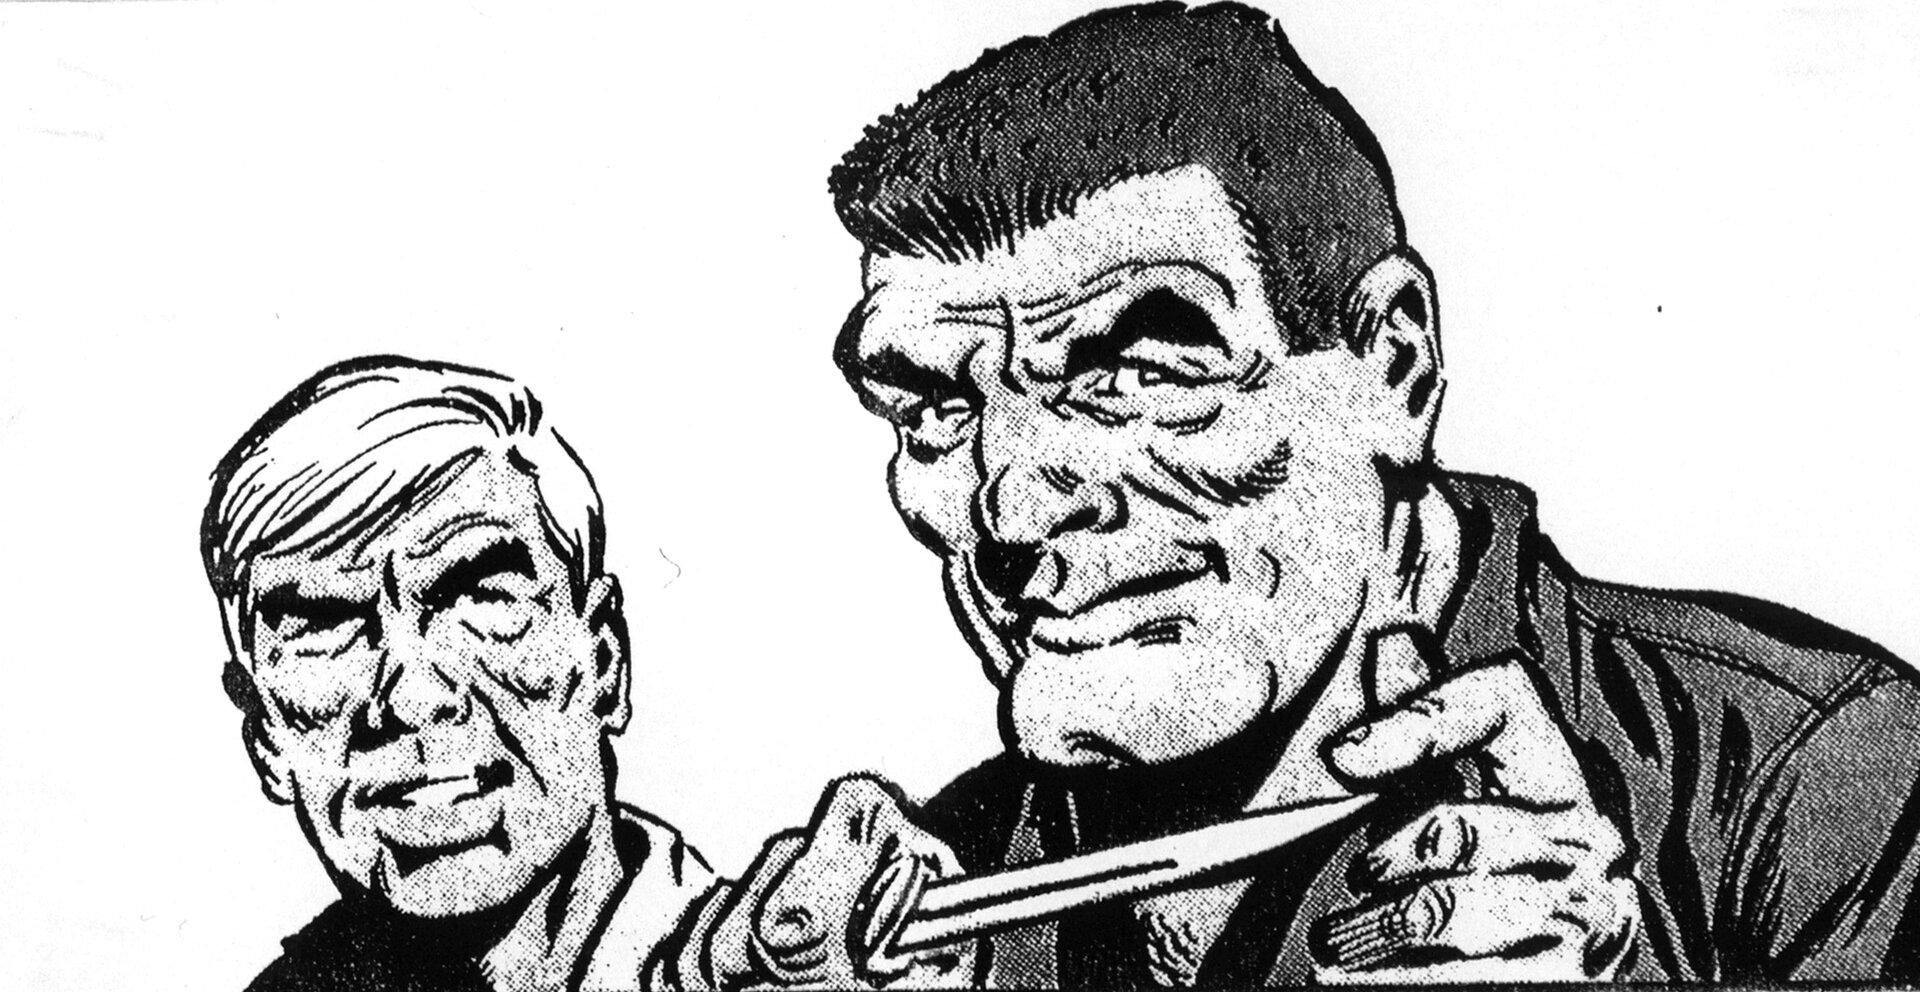 """Ilustracja przedstawia ilustrację zkomiksu Jerzego Wróblewskiego """"Skradziony Skarb"""". Ukazuje dwóch mężczyzn. Postać po lewej stronie to blondyn. Po jego prawej stronie ukazany jest mężczyzna onajeżonych włosach ibruzdach na twarzy. Wdłoniach trzyma nóż, palcem lewej ręki dotyka końca ostrza."""